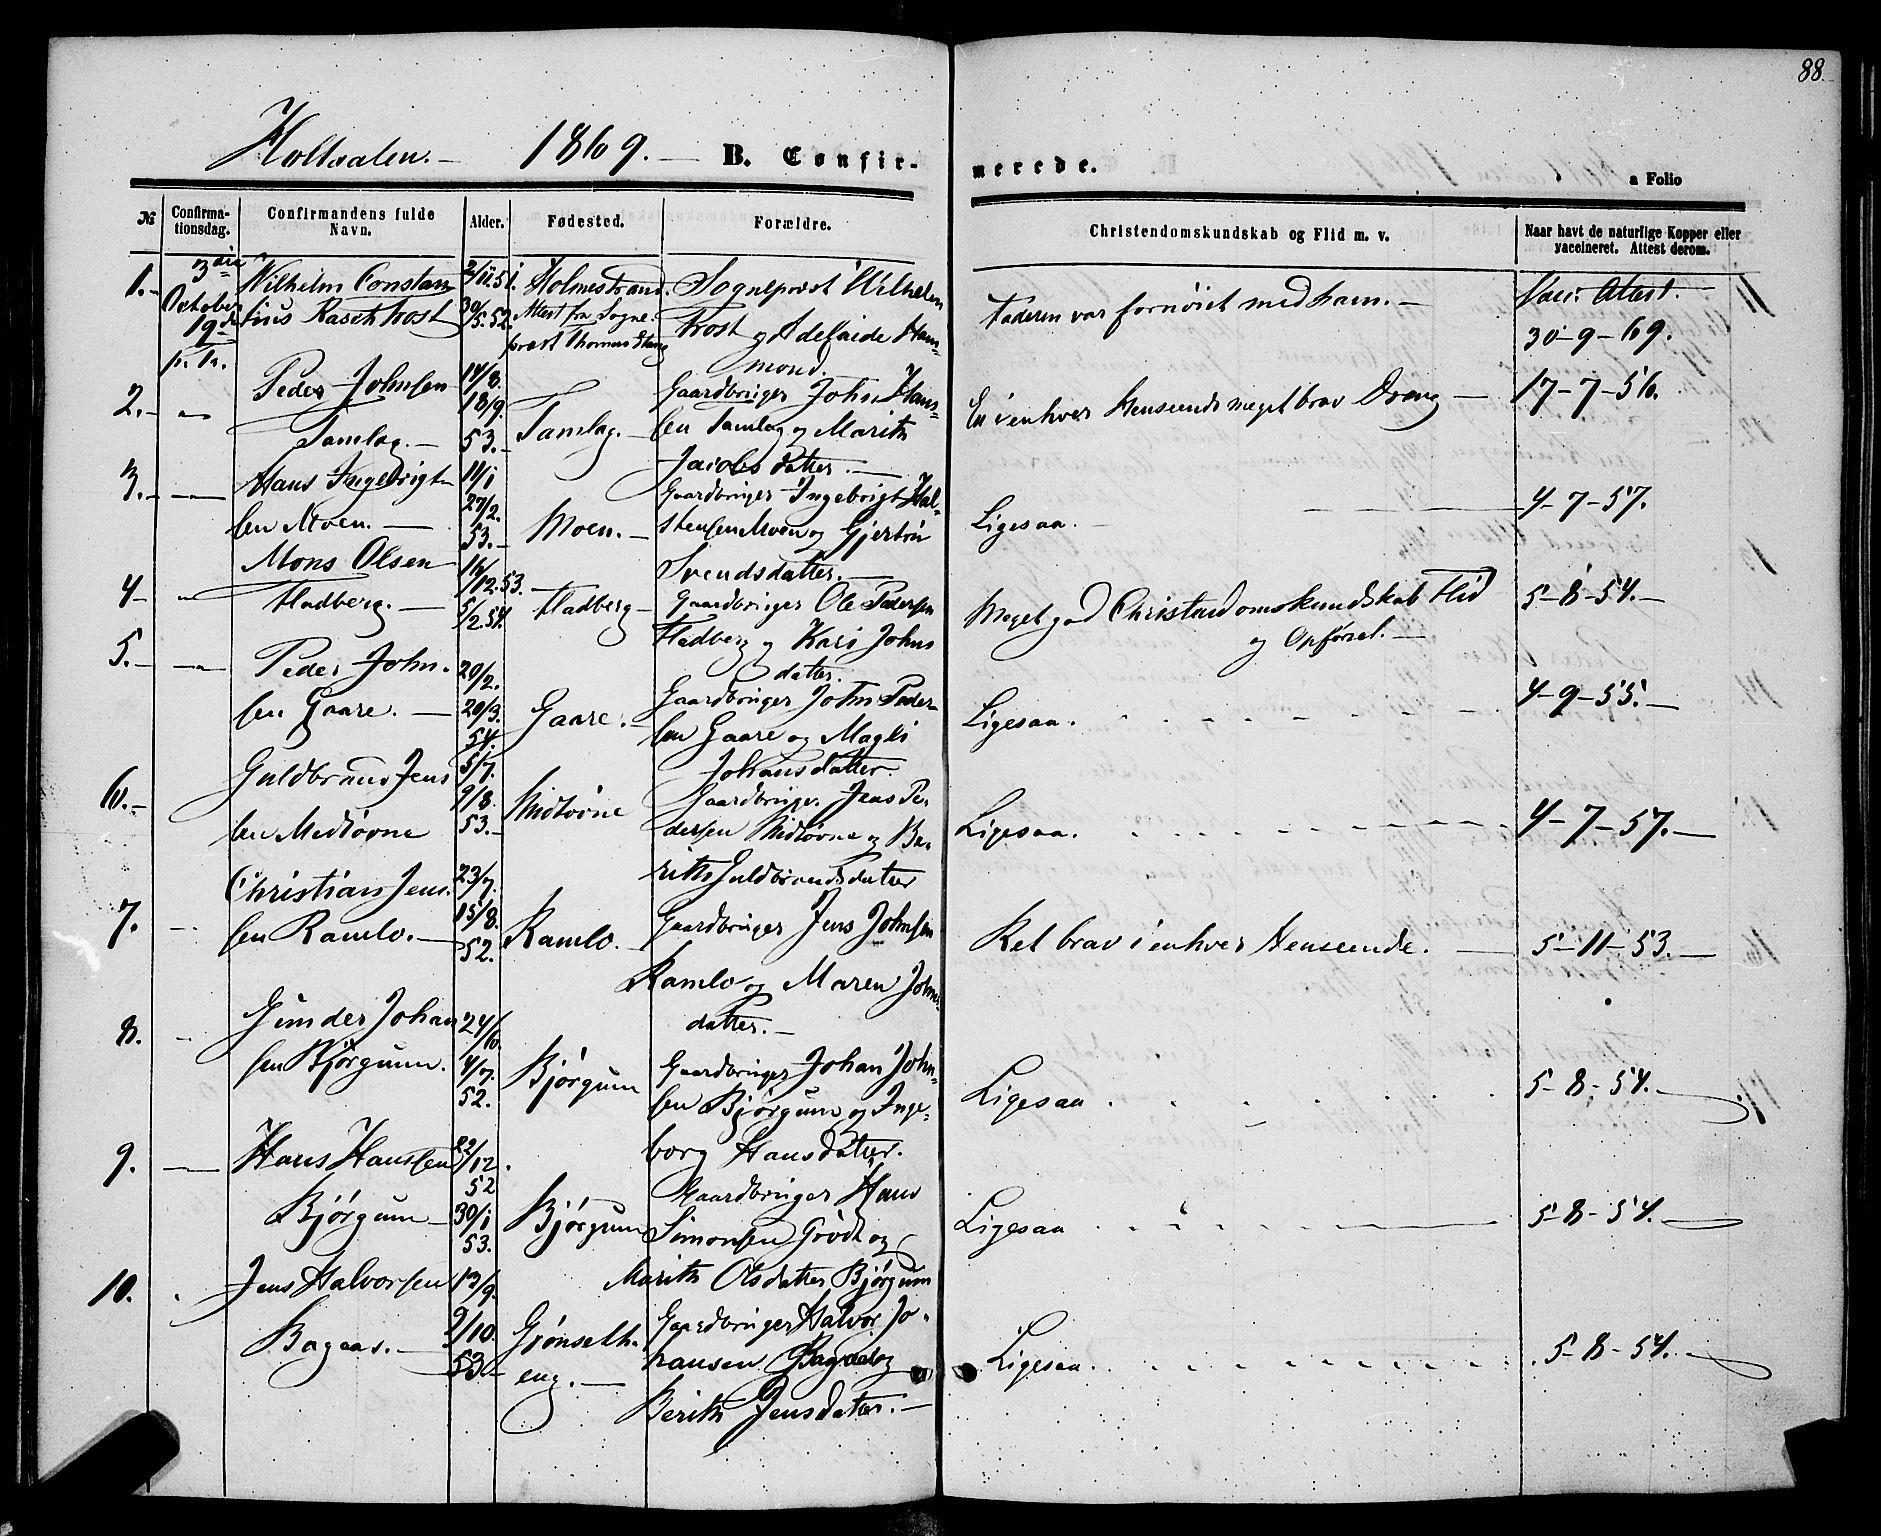 SAT, Ministerialprotokoller, klokkerbøker og fødselsregistre - Sør-Trøndelag, 685/L0966: Ministerialbok nr. 685A07 /1, 1860-1869, s. 88